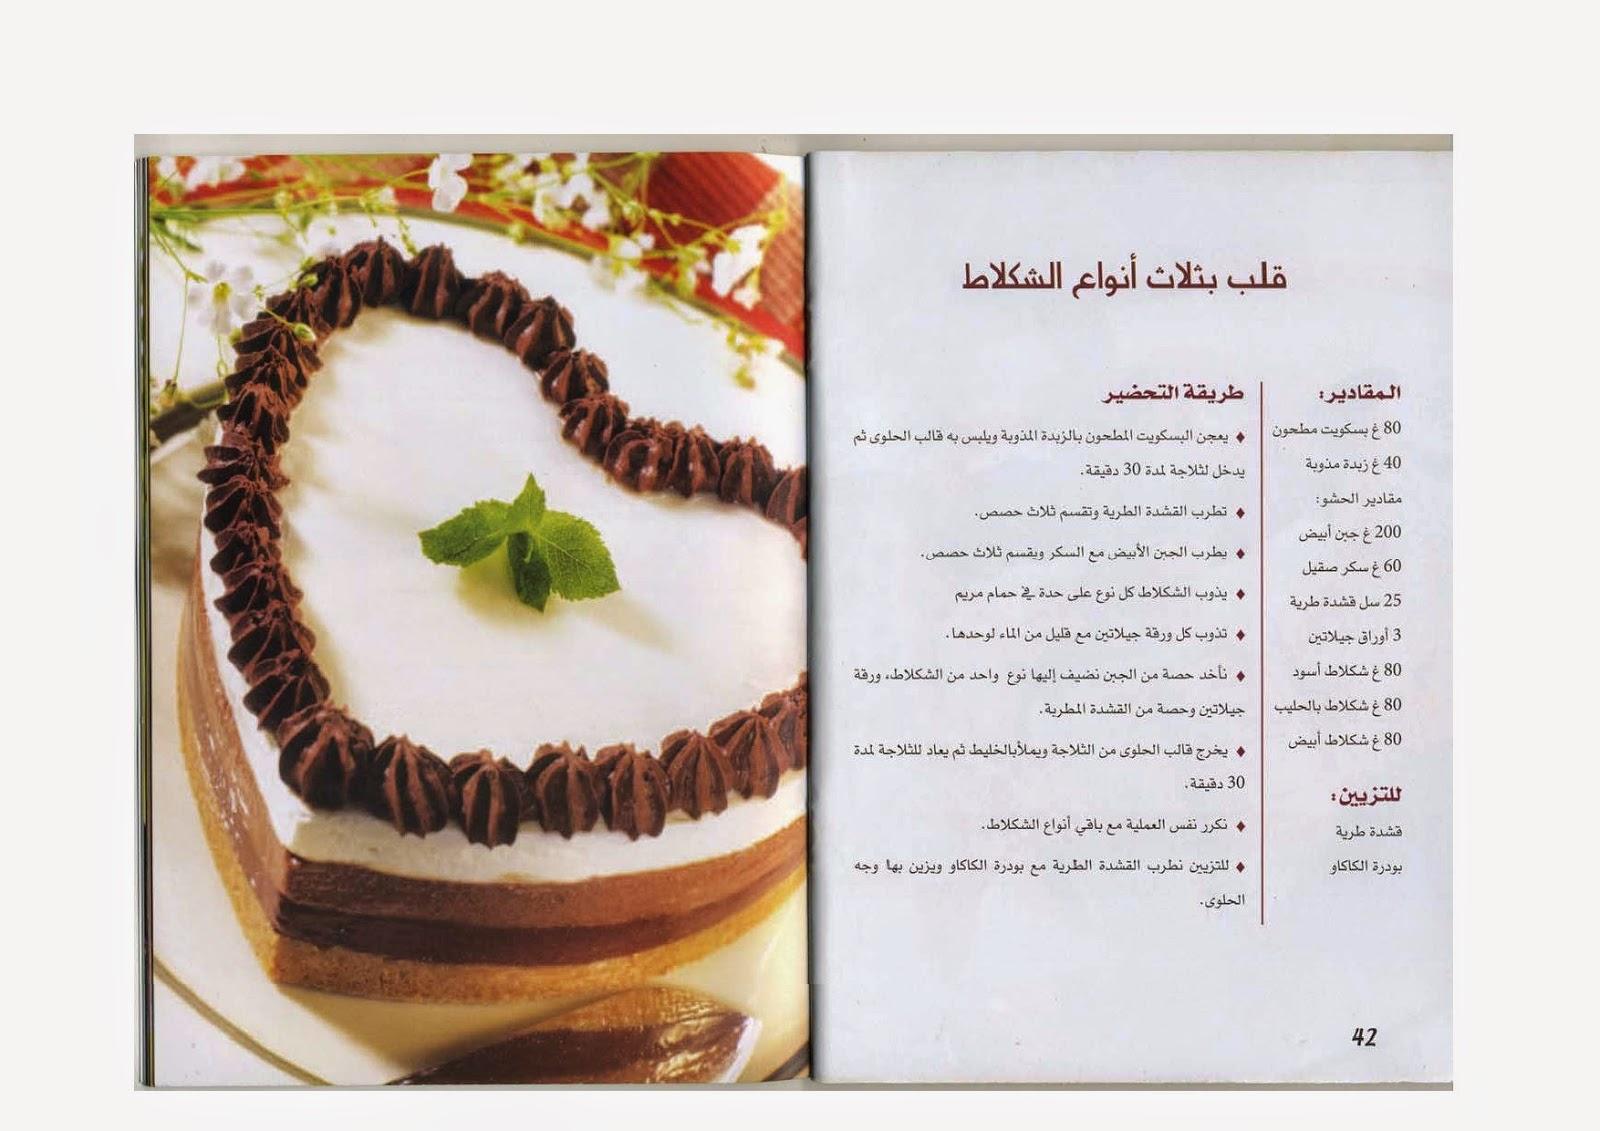 بالصور طبخ بالصور حلويات , صناعة الحلويات بالصور 8072 1